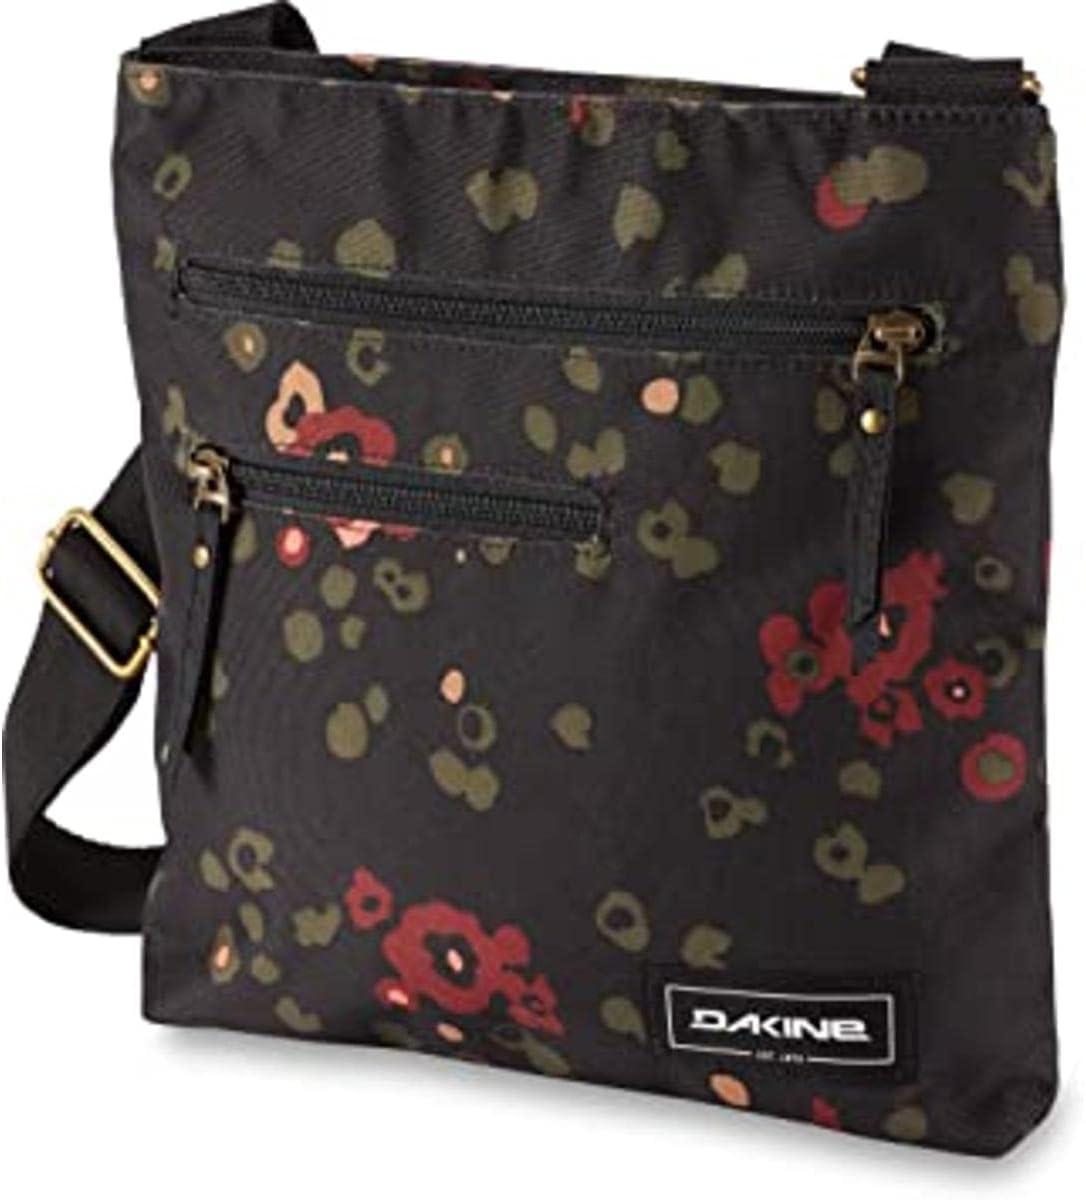 Dakine Women's Jo Jo Crossbody Bag